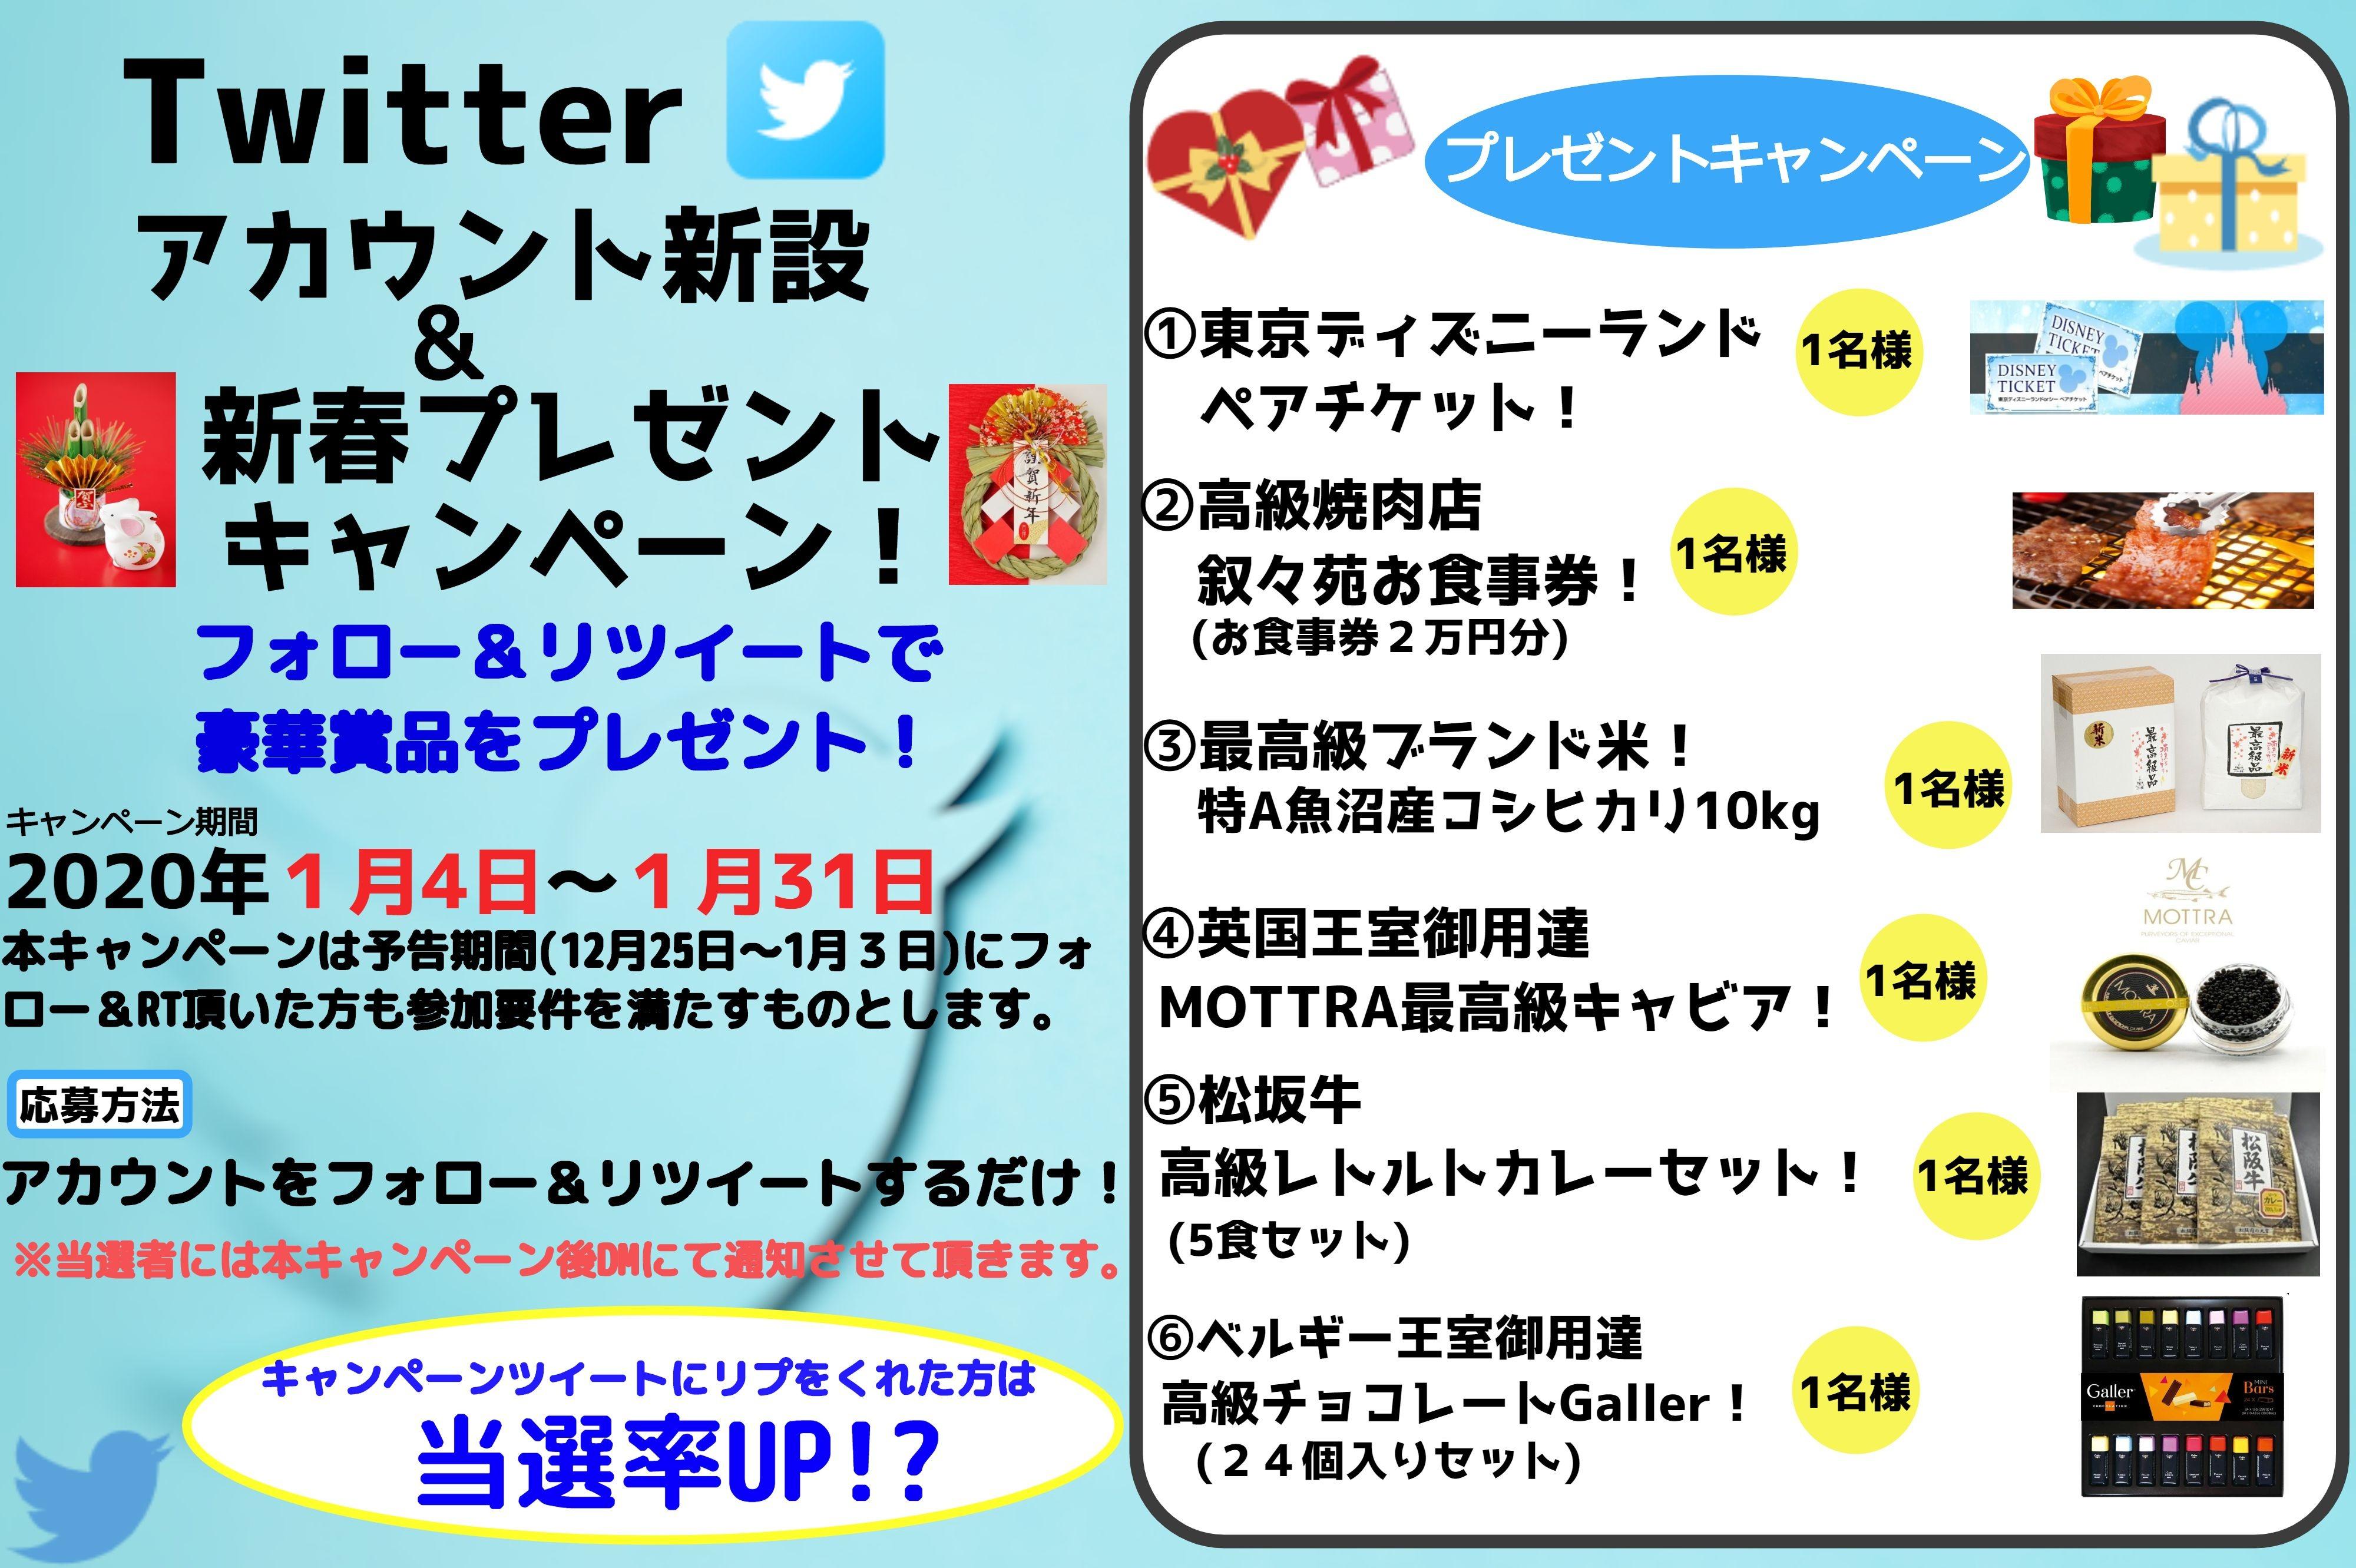 🎍新春‼Twitter豪華プレゼントキャンペーンがいよいよ本日より開催!